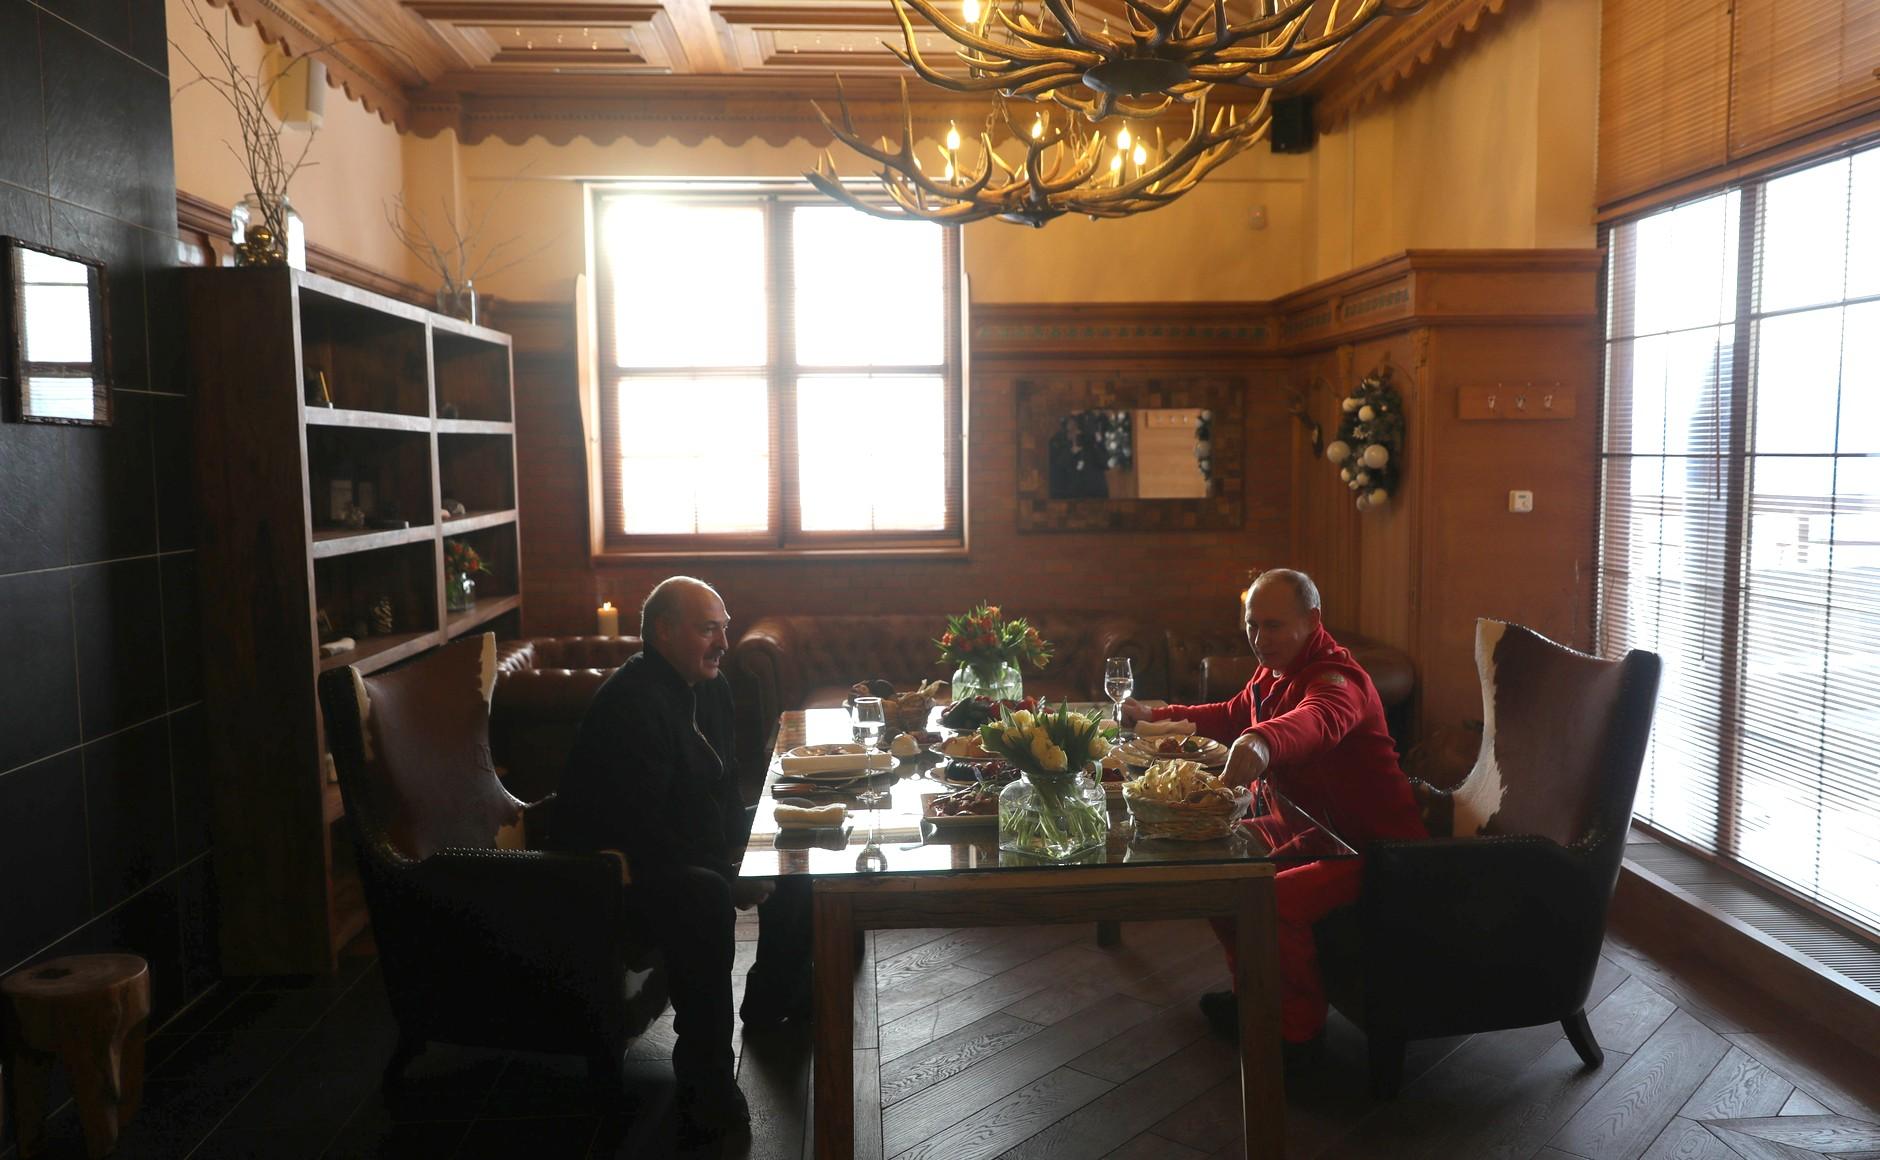 Лукашенко встретится в Сочи с лидерами Турции и Ирана?